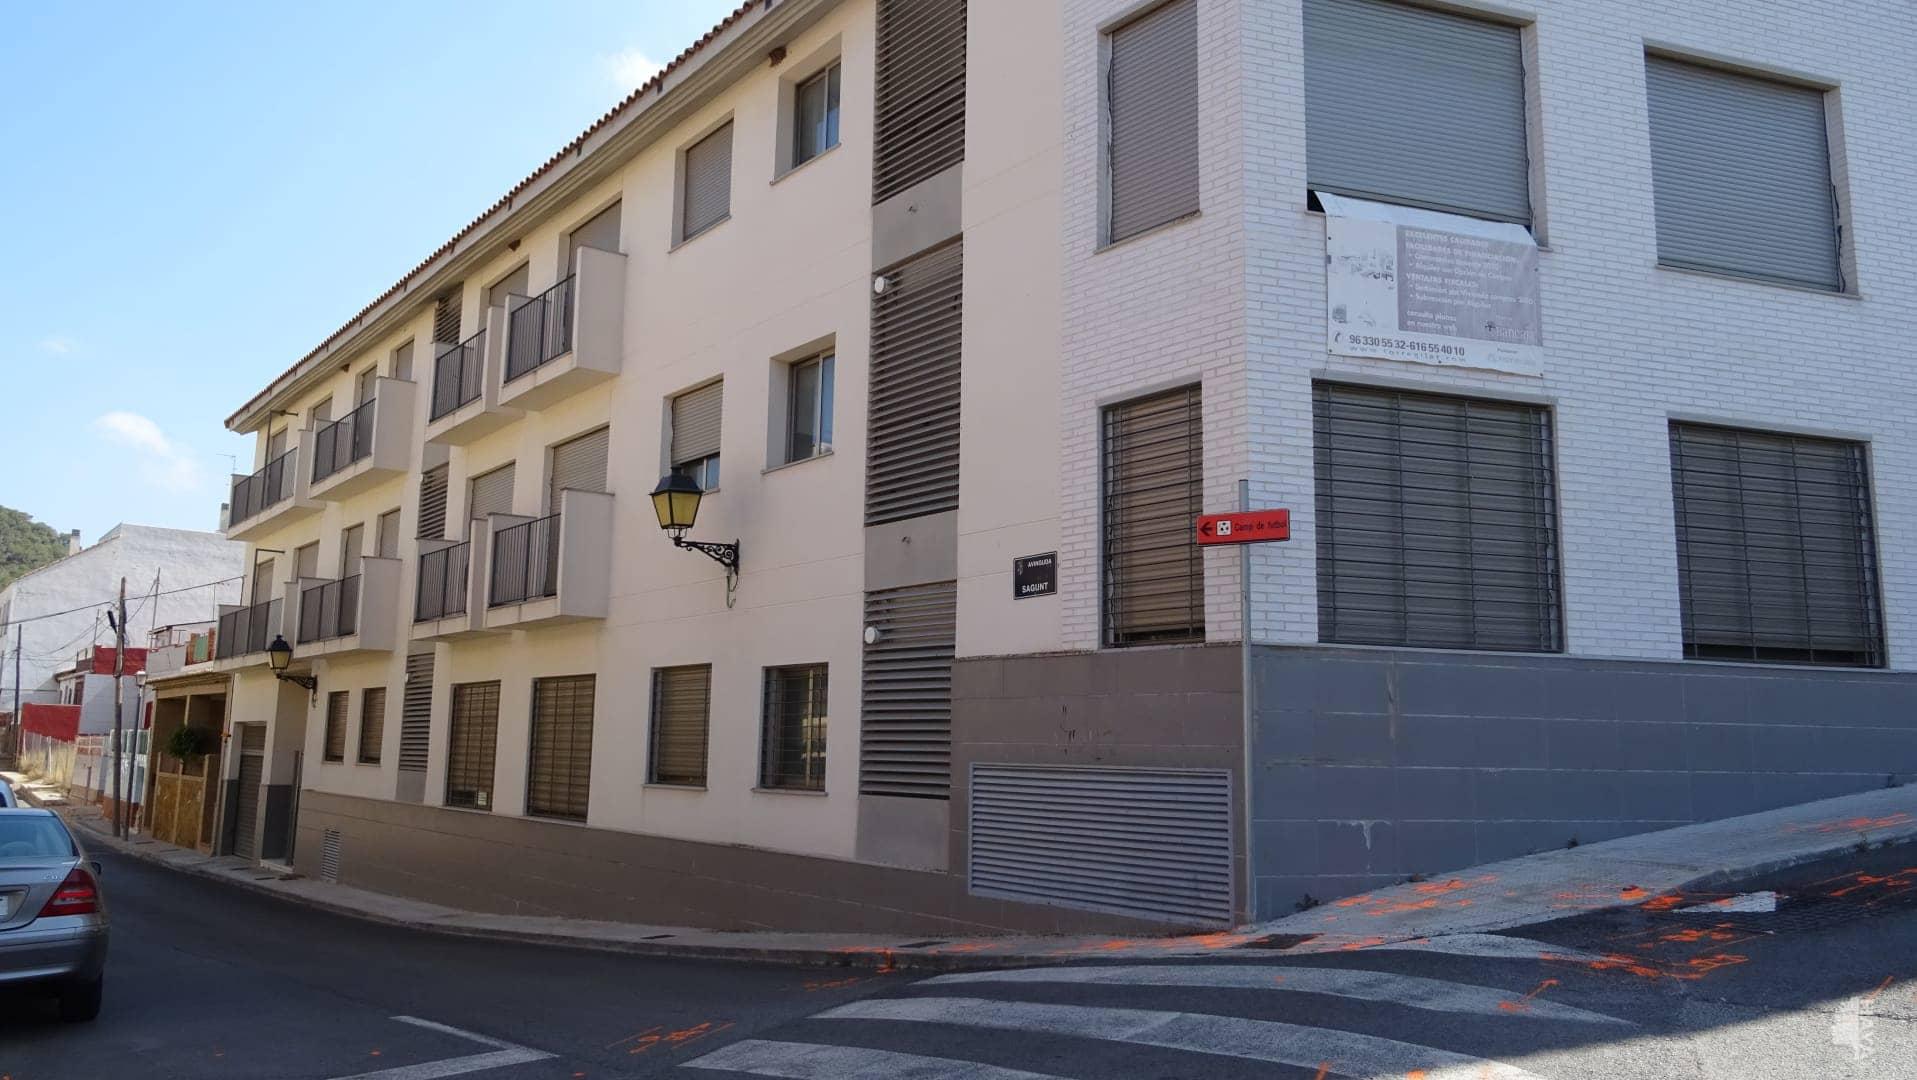 Piso en venta en Gilet, Gilet, Valencia, Calle Sagunt, 125.000 €, 2 habitaciones, 2 baños, 117 m2